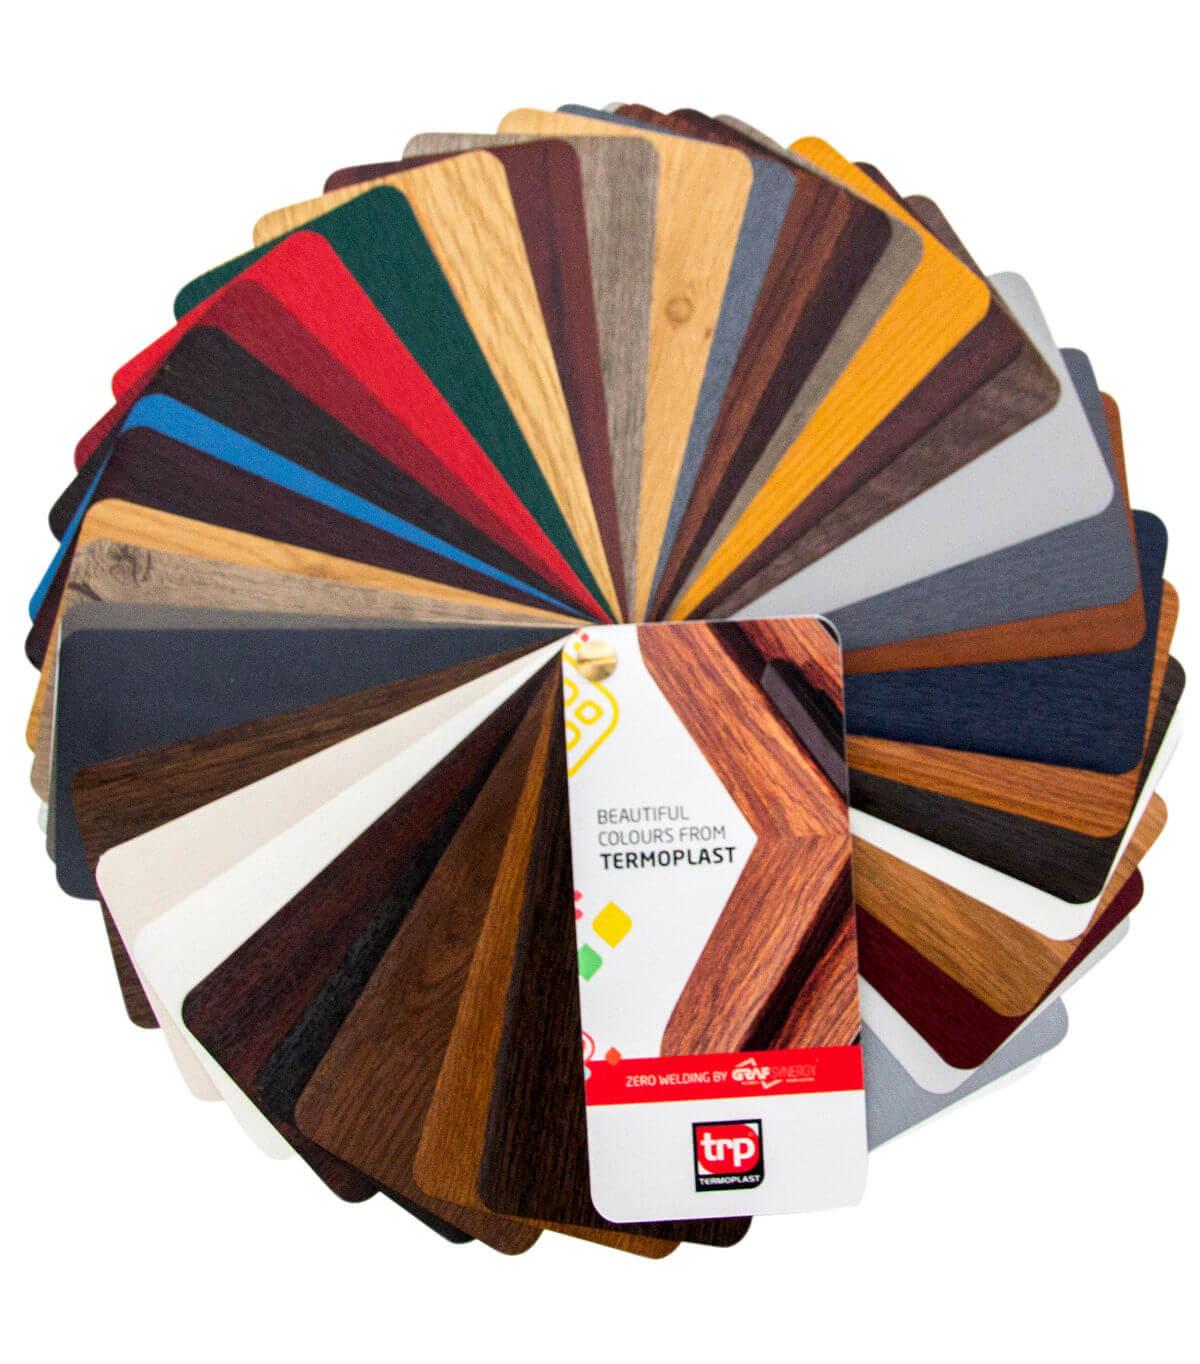 termoplast - paletar culori speciale